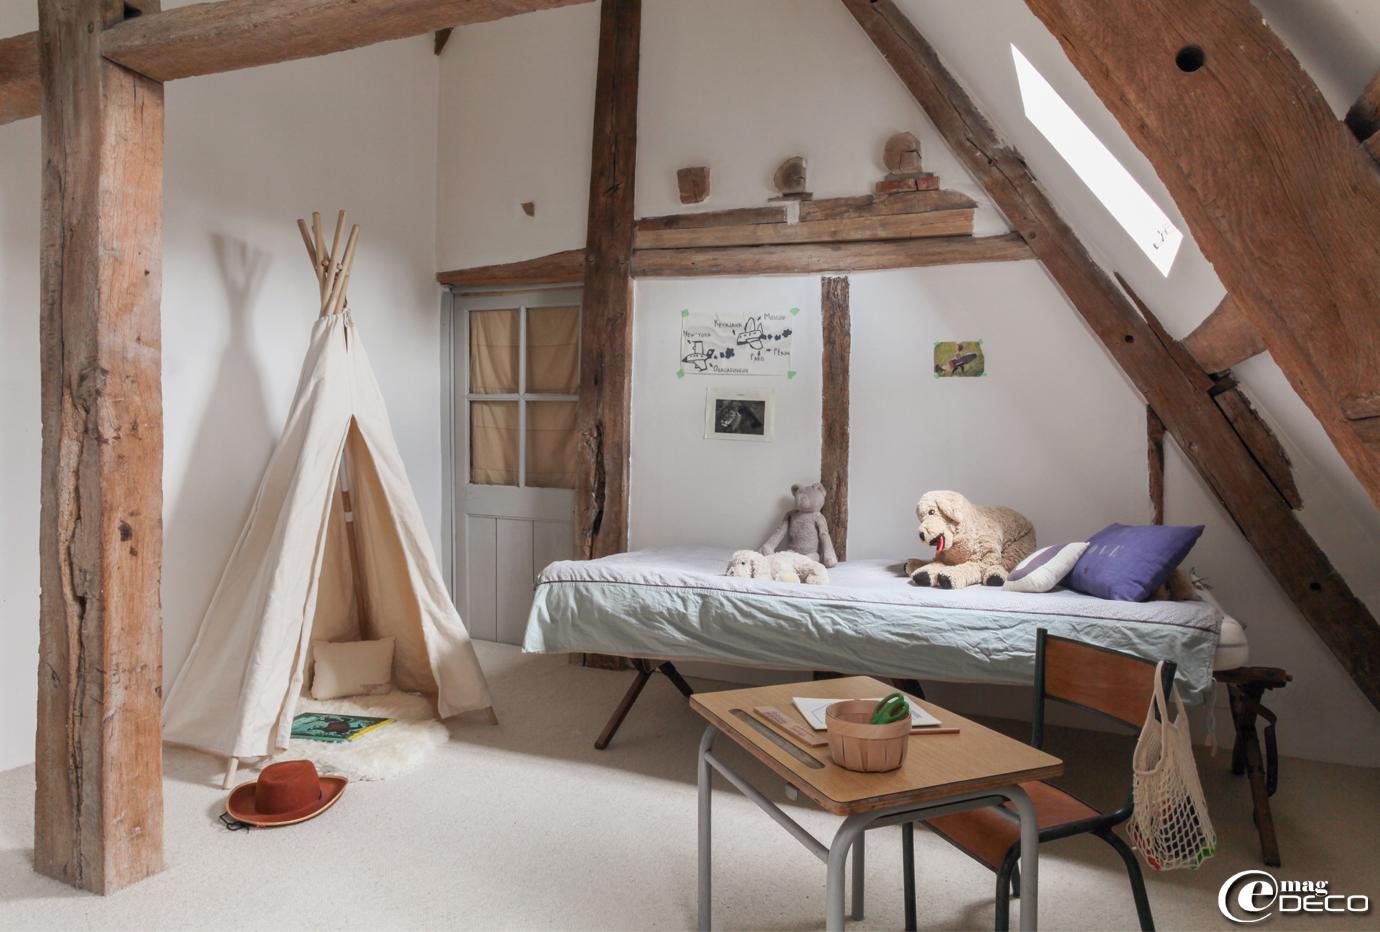 Chambre d'enfant, ancien lit de camp, tipi 'Smallable', tapis peau de mouton 'Ikea'